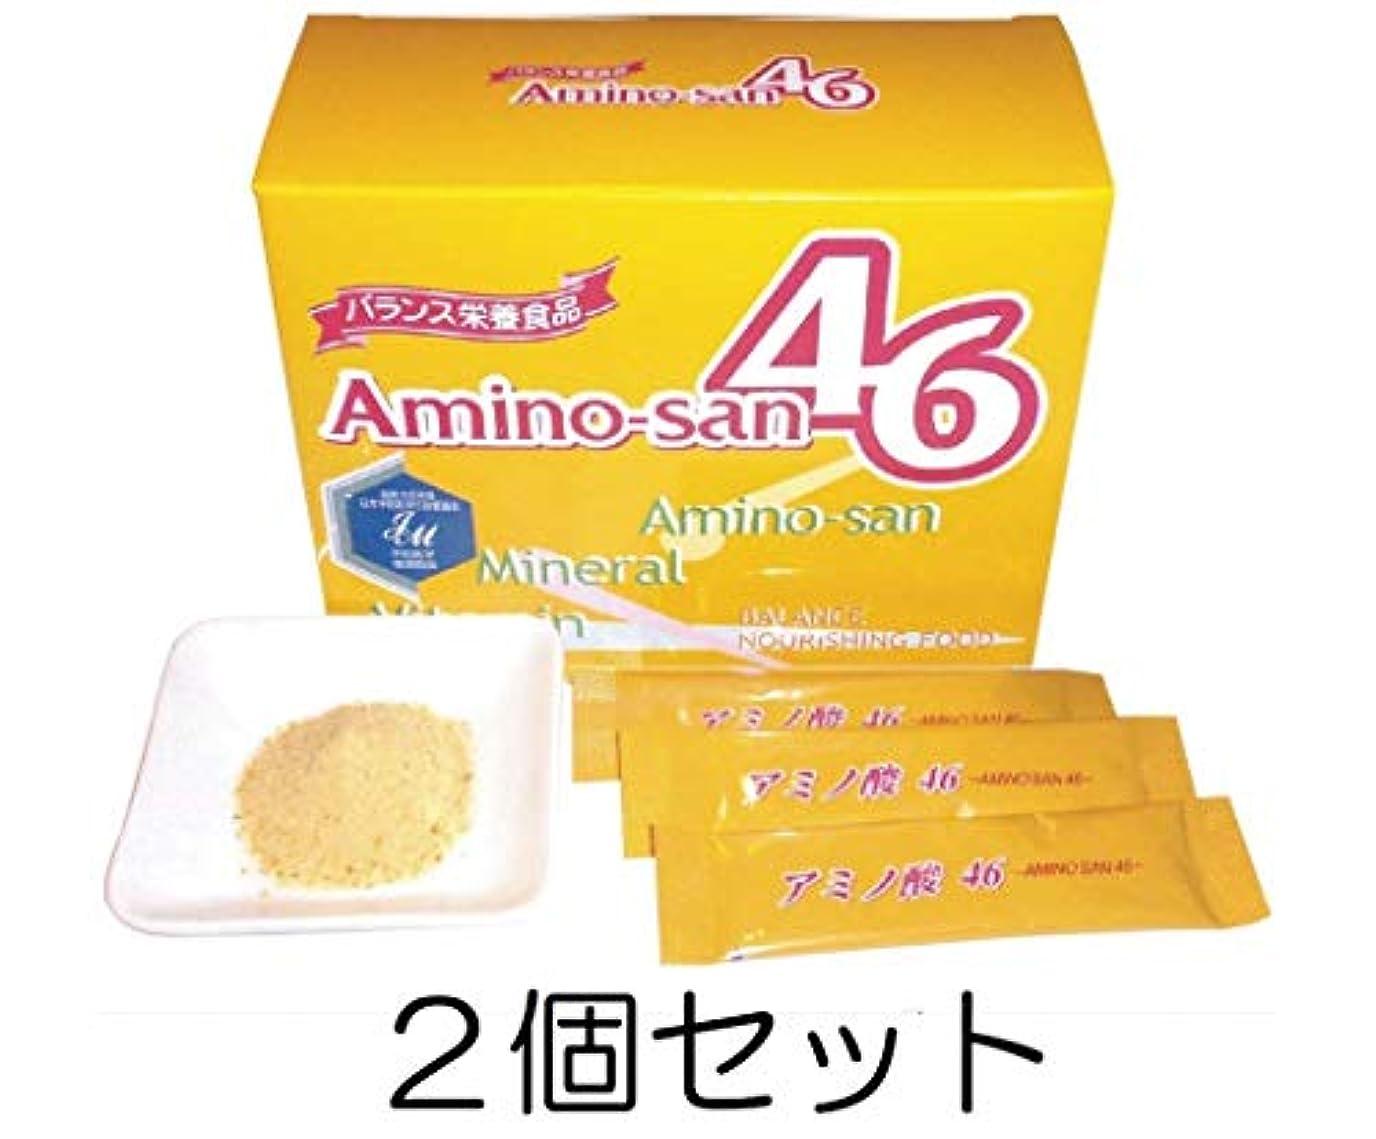 プレゼント劇作家一口【 アミノ酸46 (3g×60本?1か月分)×2箱セット】ポーレン(蜂蜜花粉)含有 サプリメント